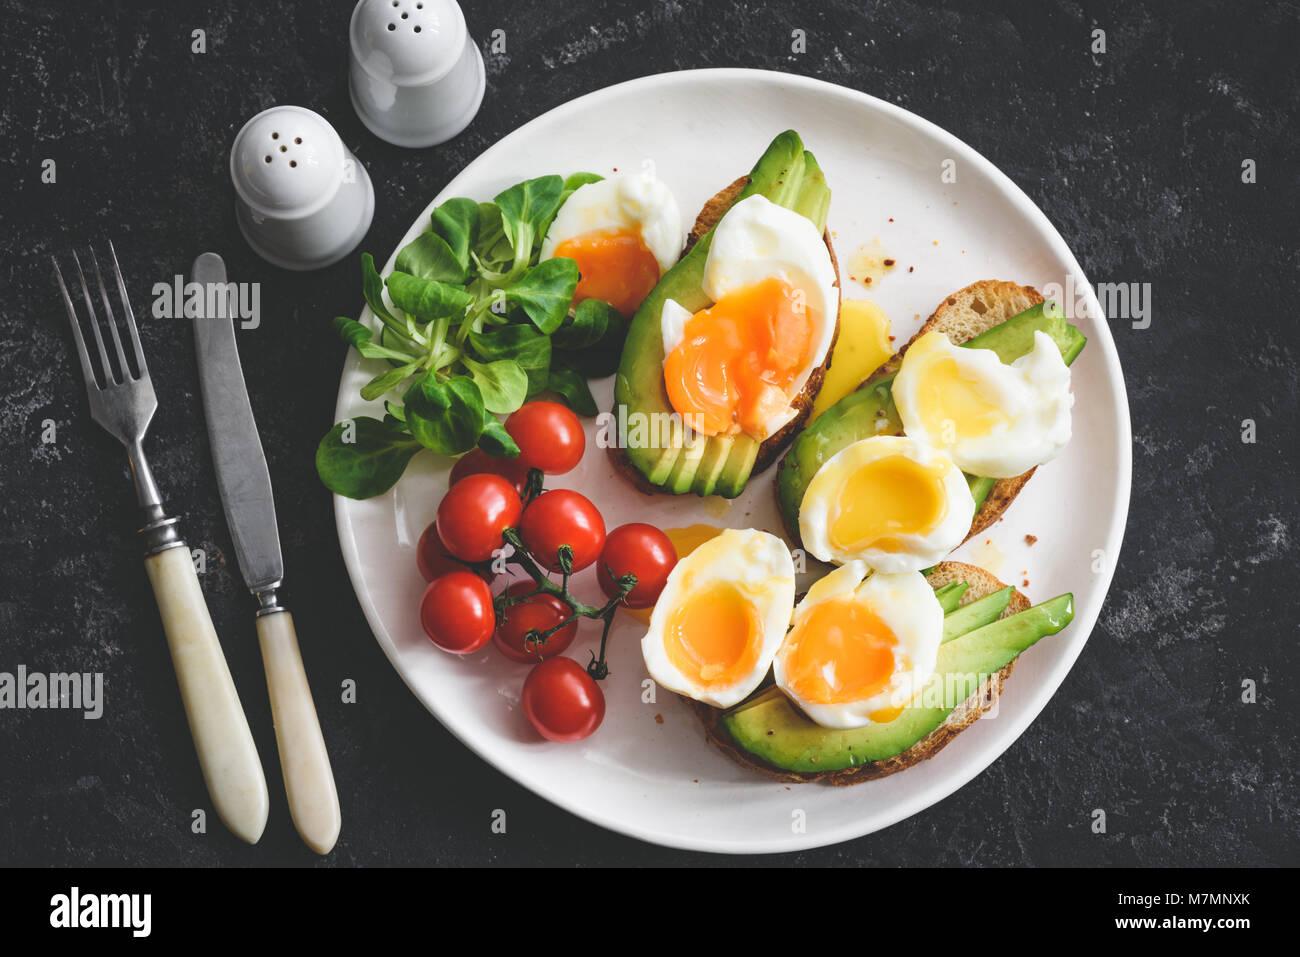 Huevos escalfados y tostadas de aguacate sobre placa blanca, vista superior, imagen de tonos. El desayuno o el almuerzo Imagen De Stock